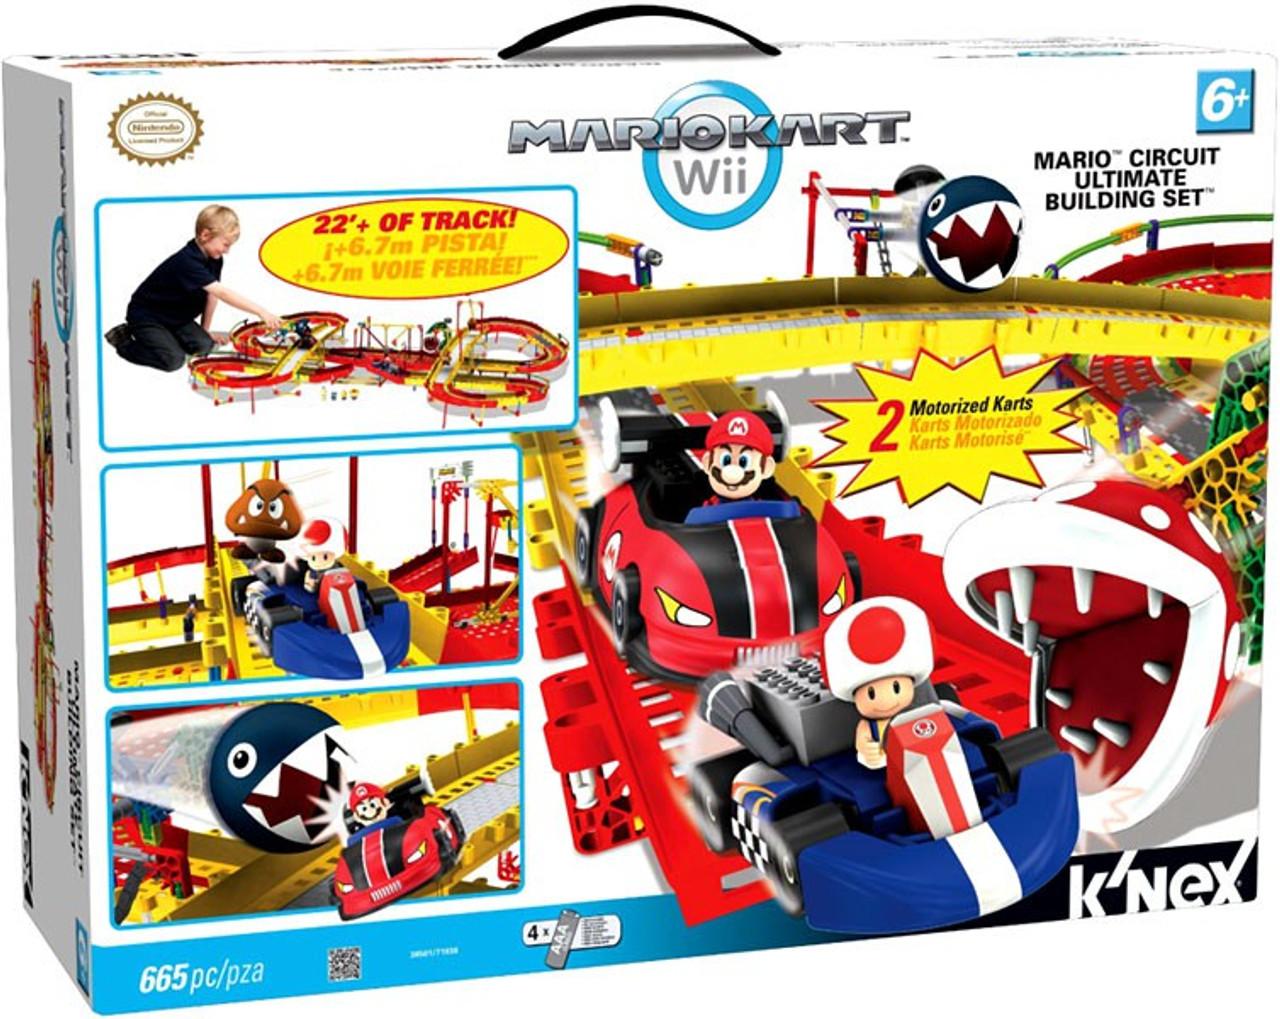 K'NEX Super Mario Mario Kart Wii Mario Circuit Ultimate Set #38501